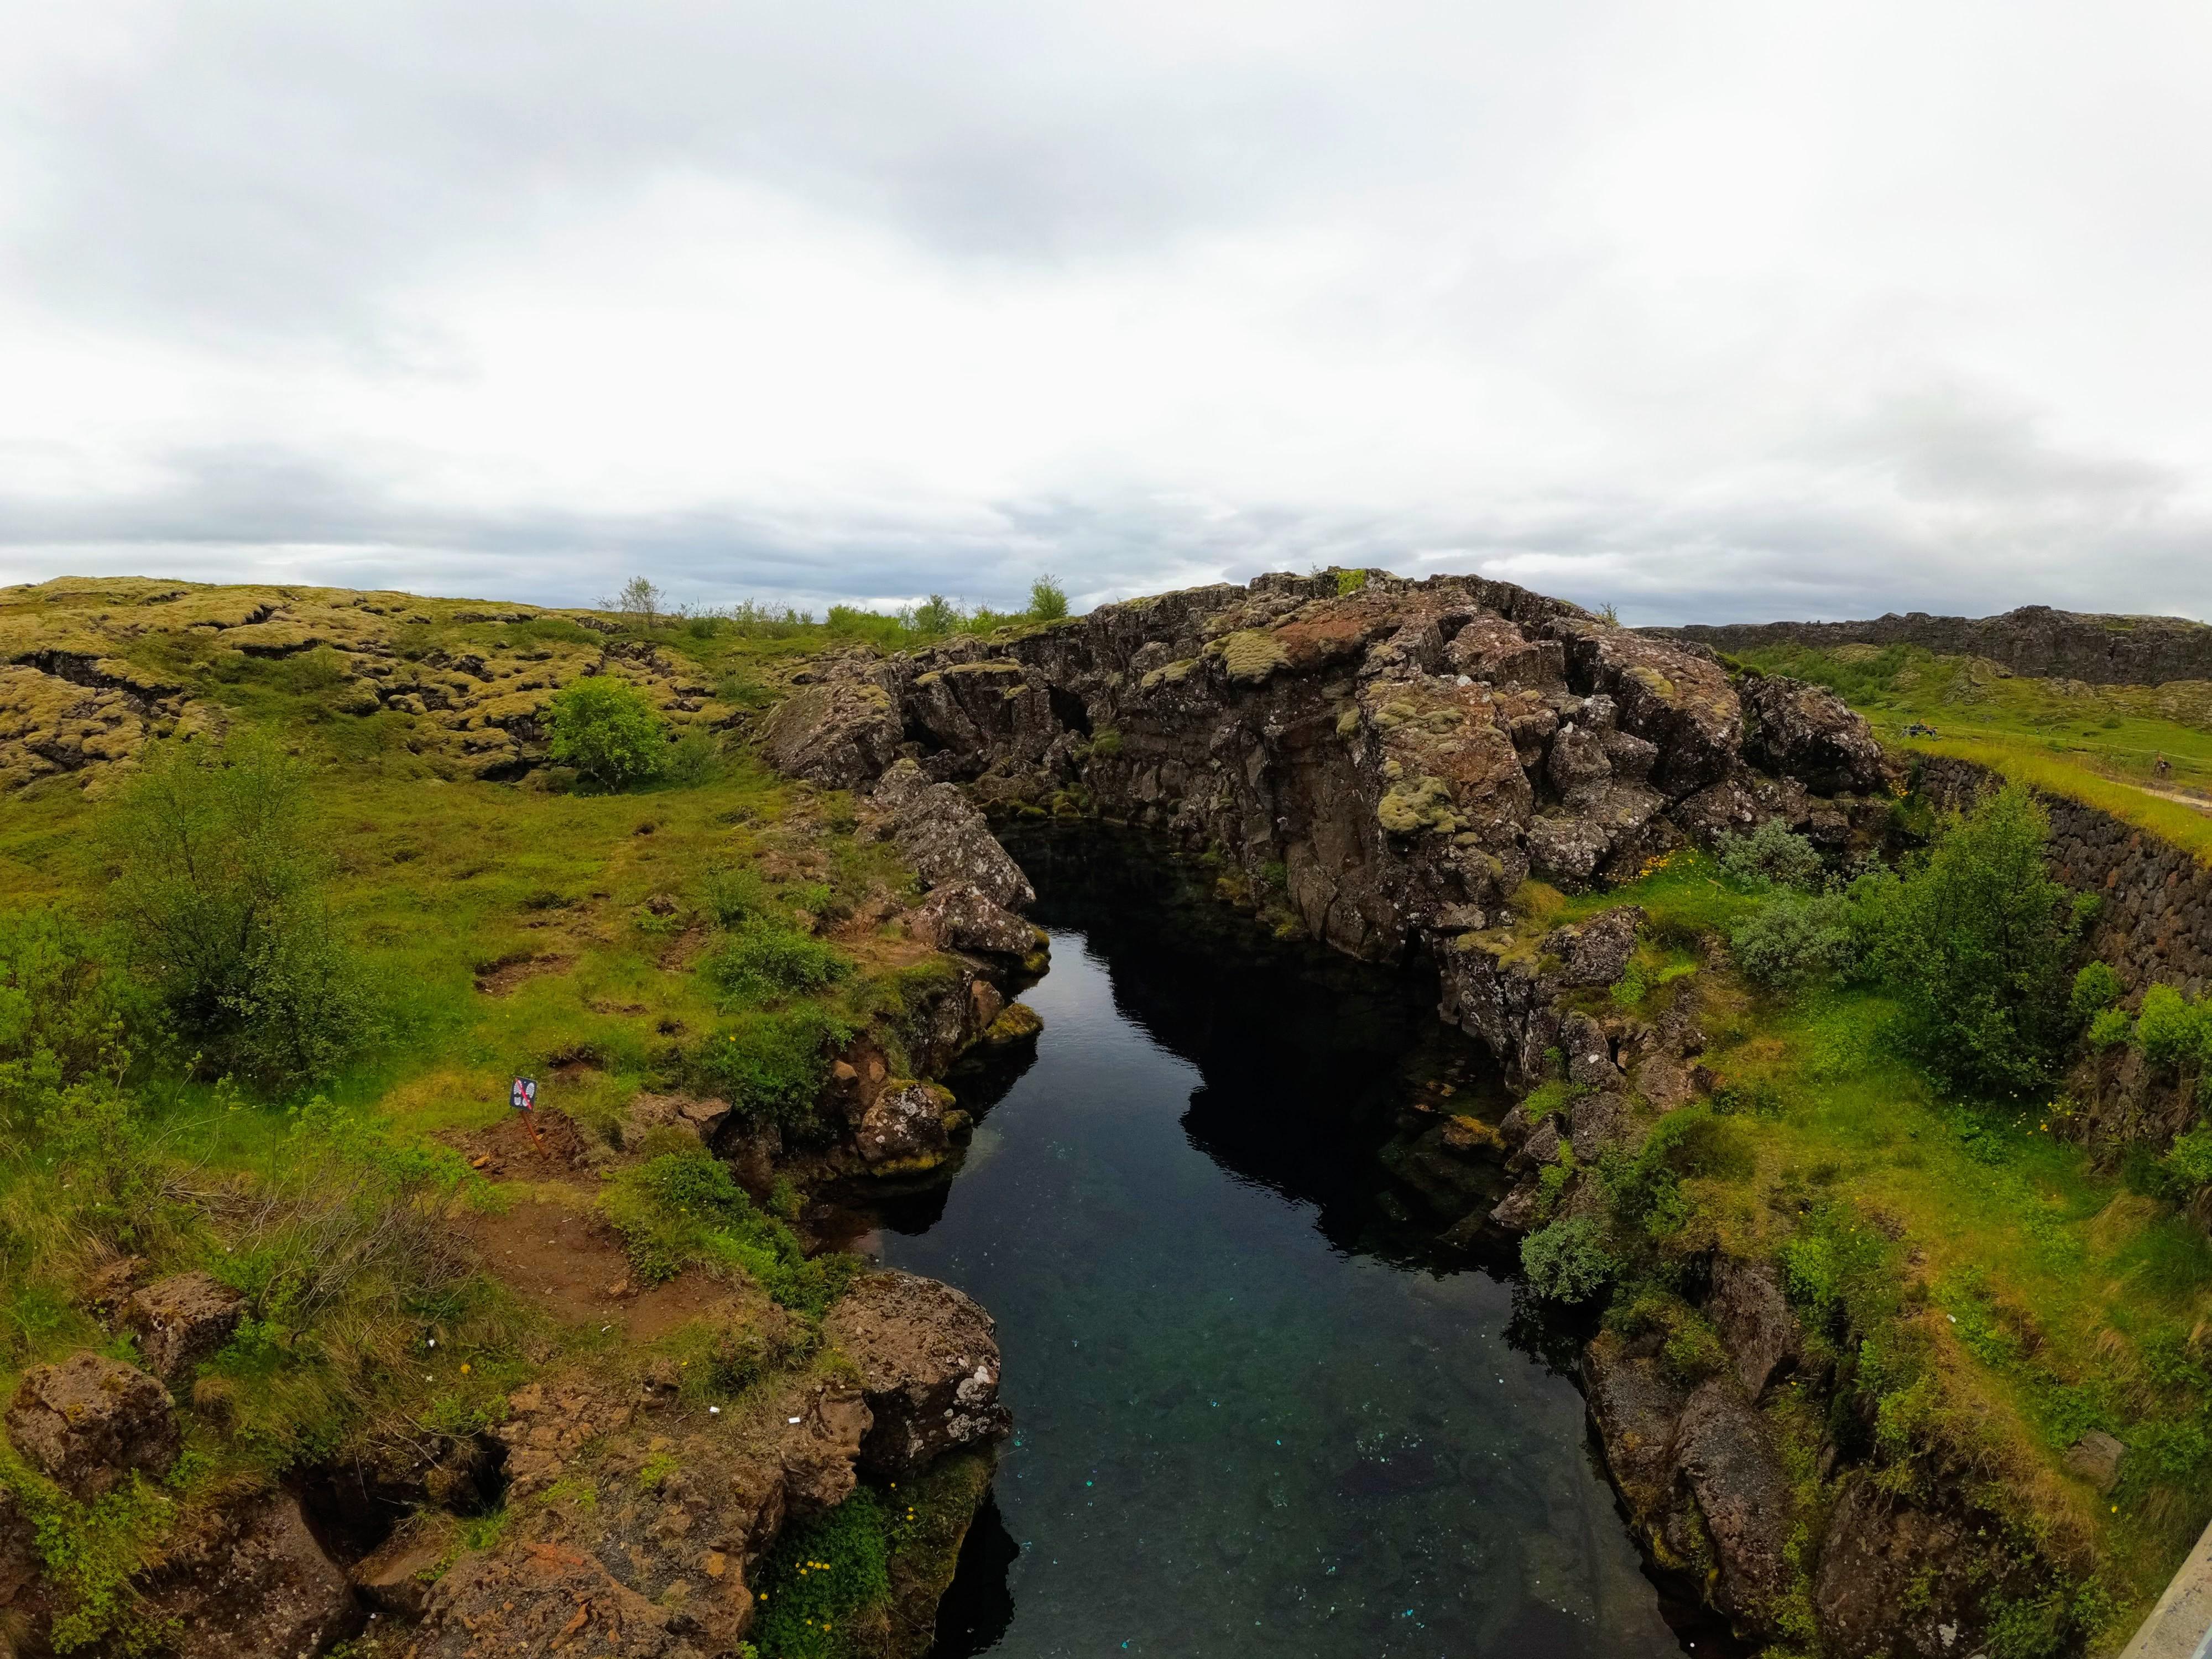 Křišťálově čistá voda v puklině, národní park Þingvellir